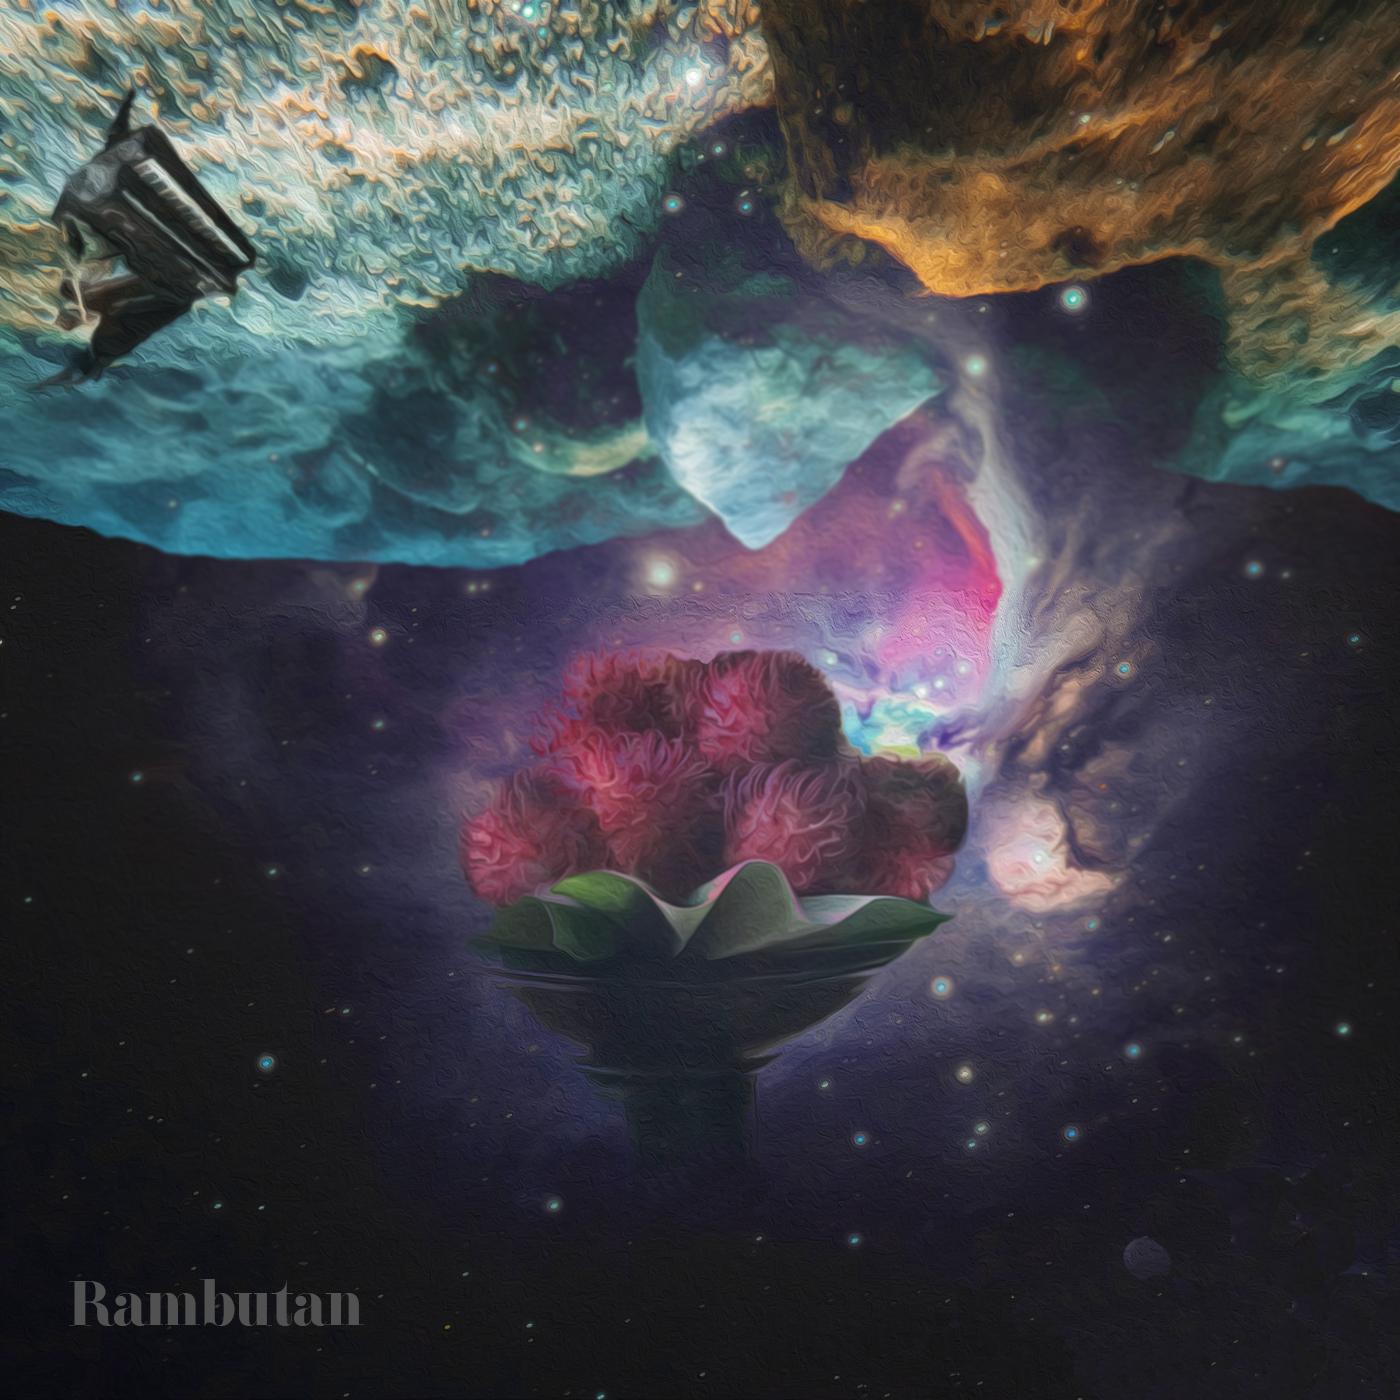 Rambutan album artwork